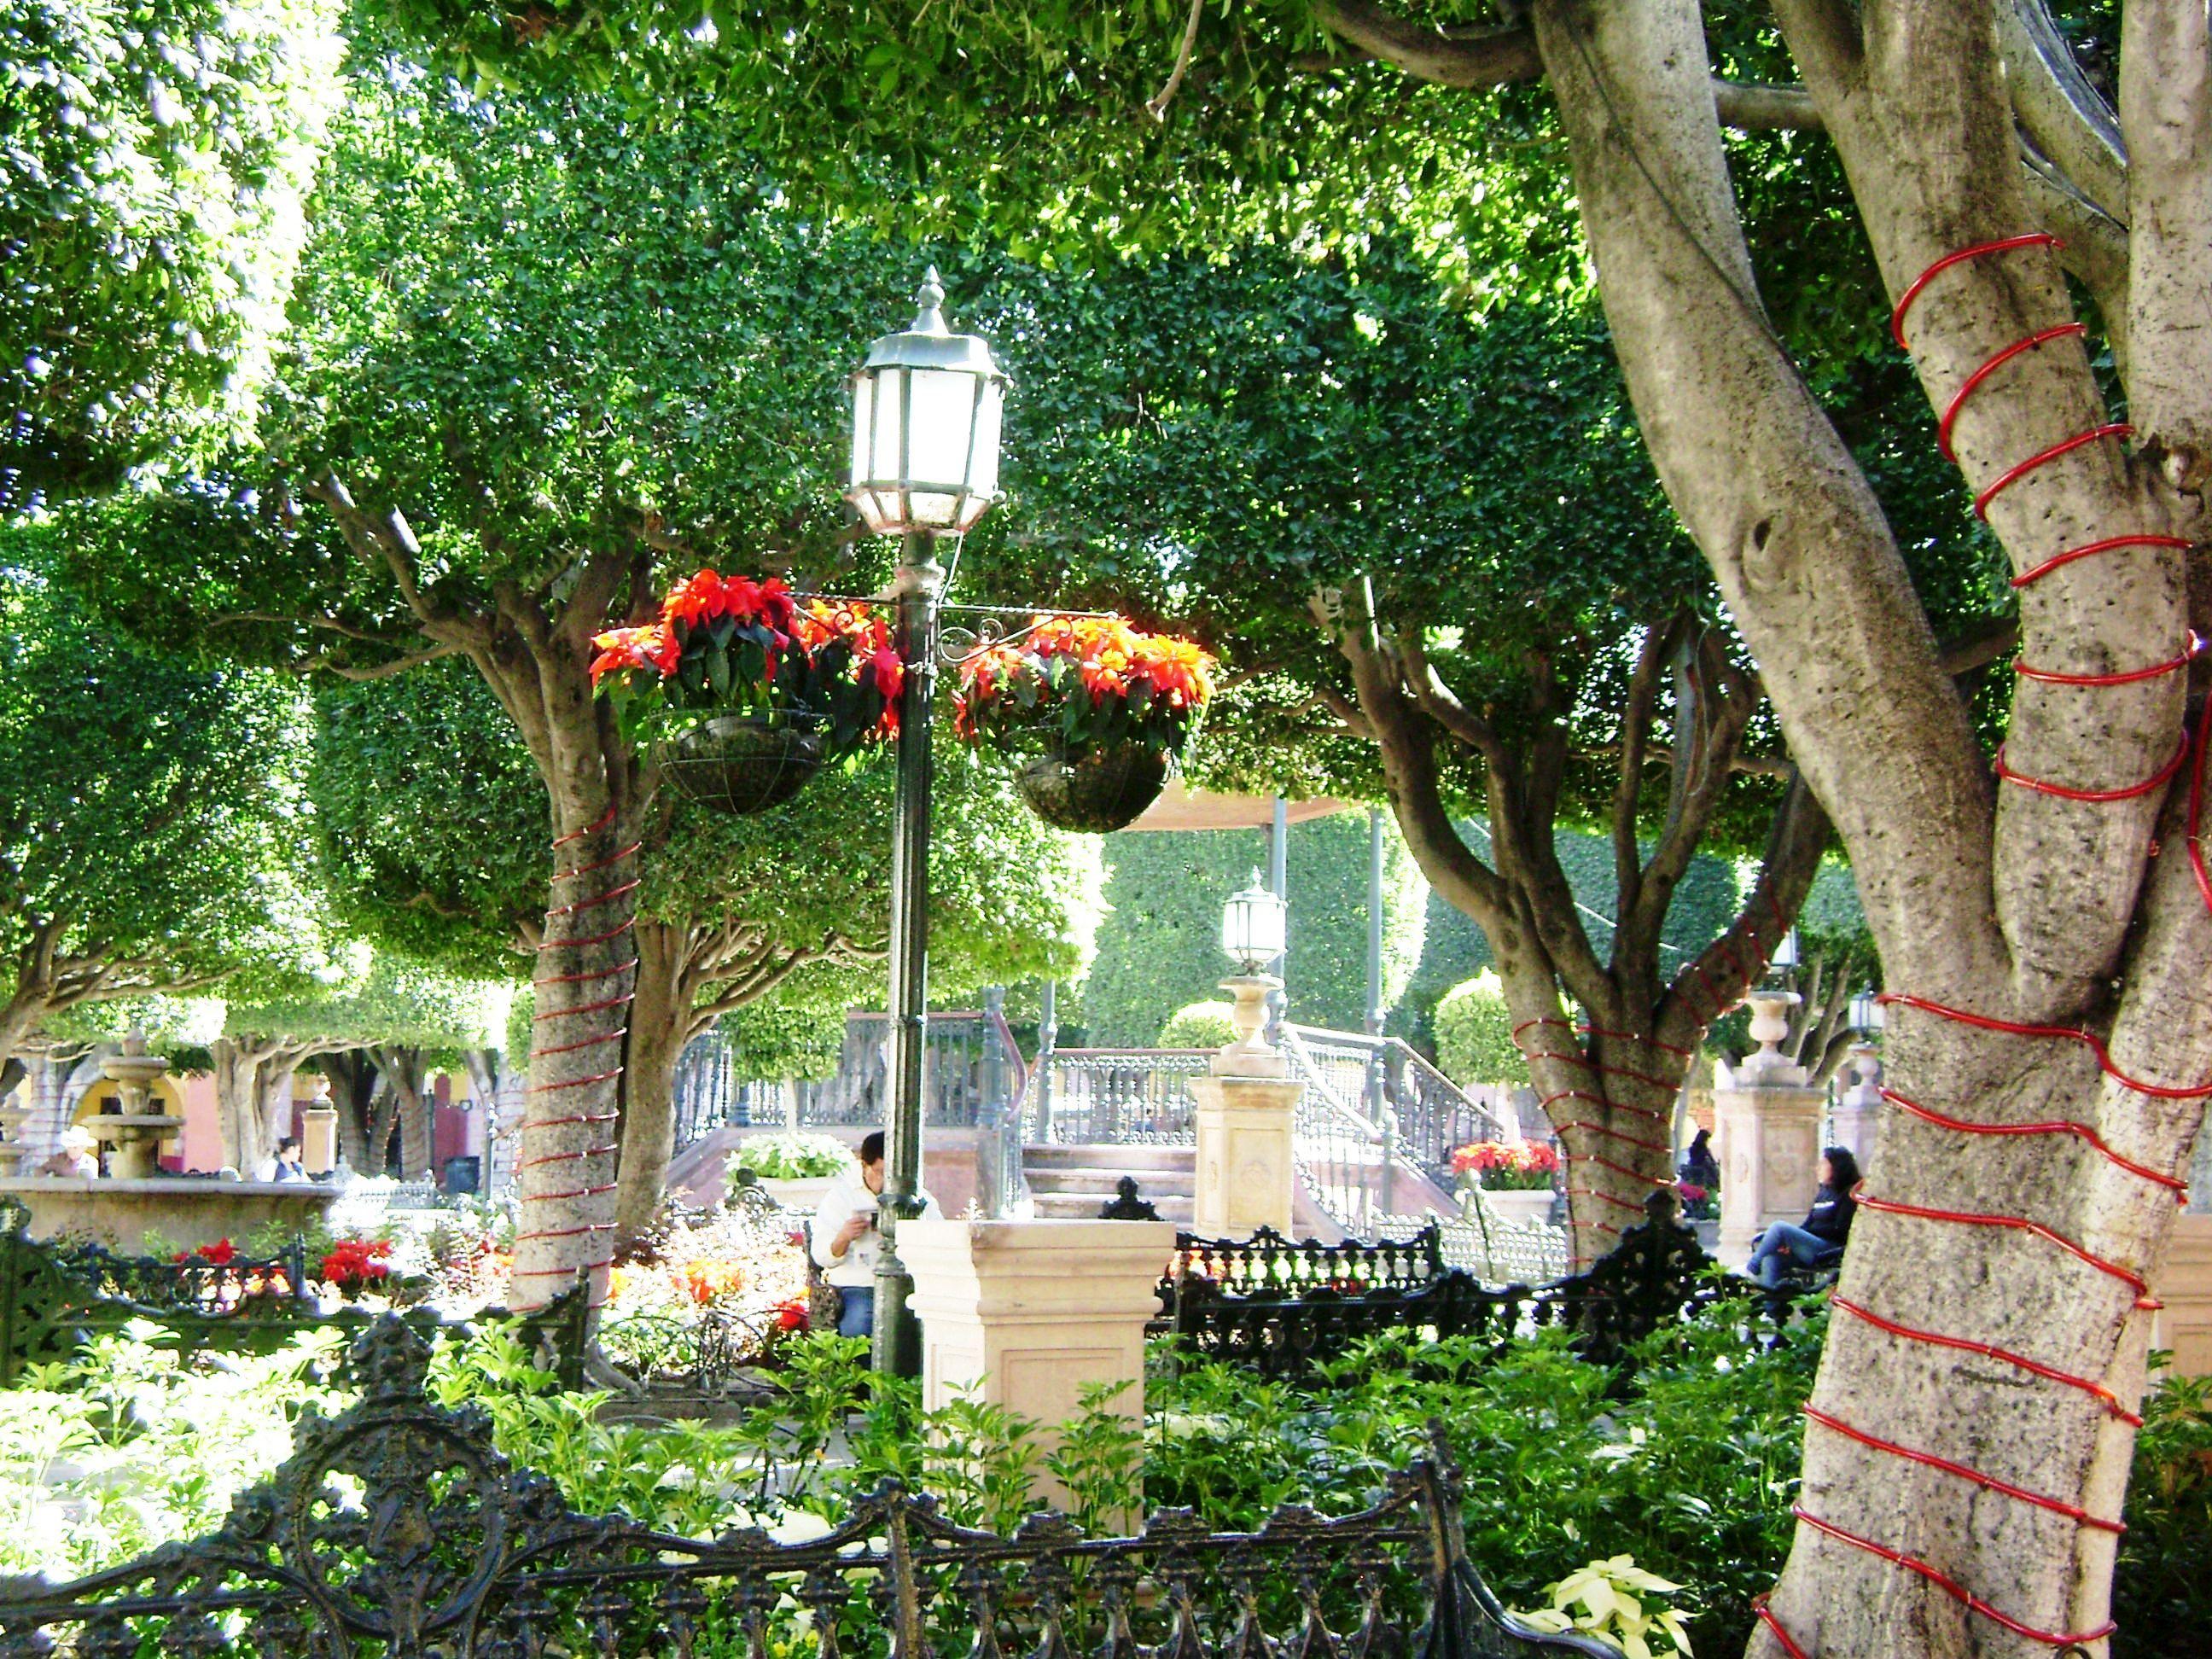 El jardin sma dec 2012 ssa san miguel de allende for Jardin san miguel de allende